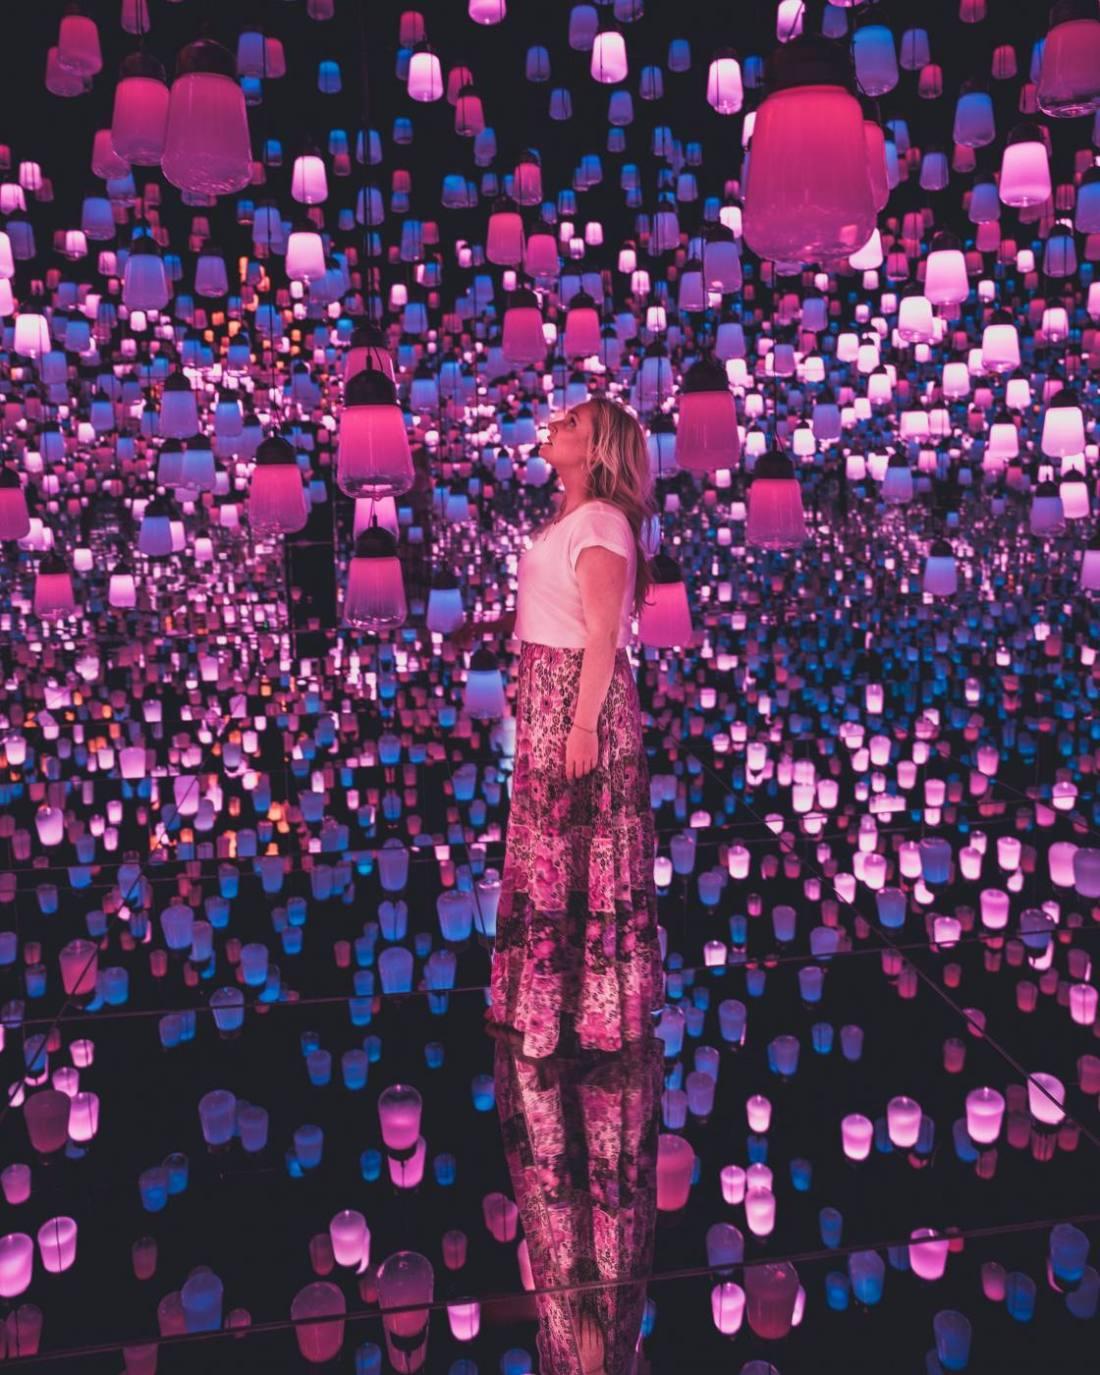 How to visit teamLab Borderless in Japan or ArtScience Museum in Singapore?